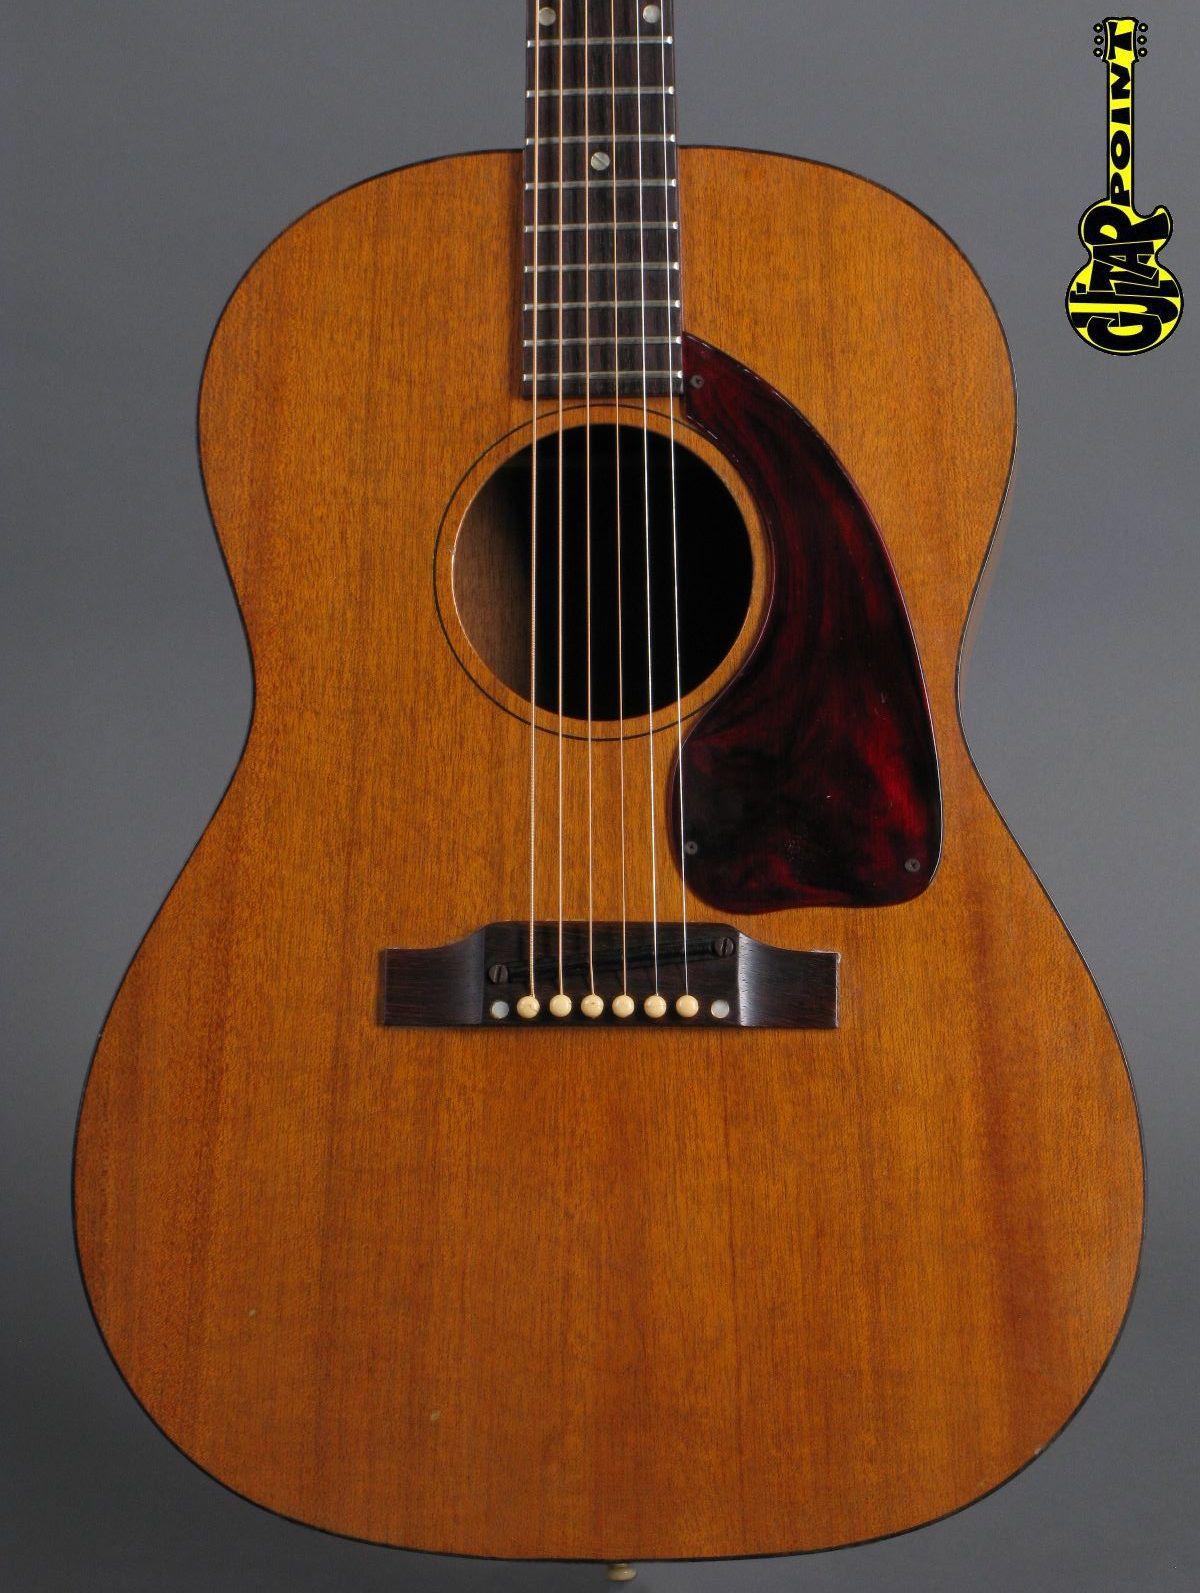 1967 Gibson LG-0 - Natural